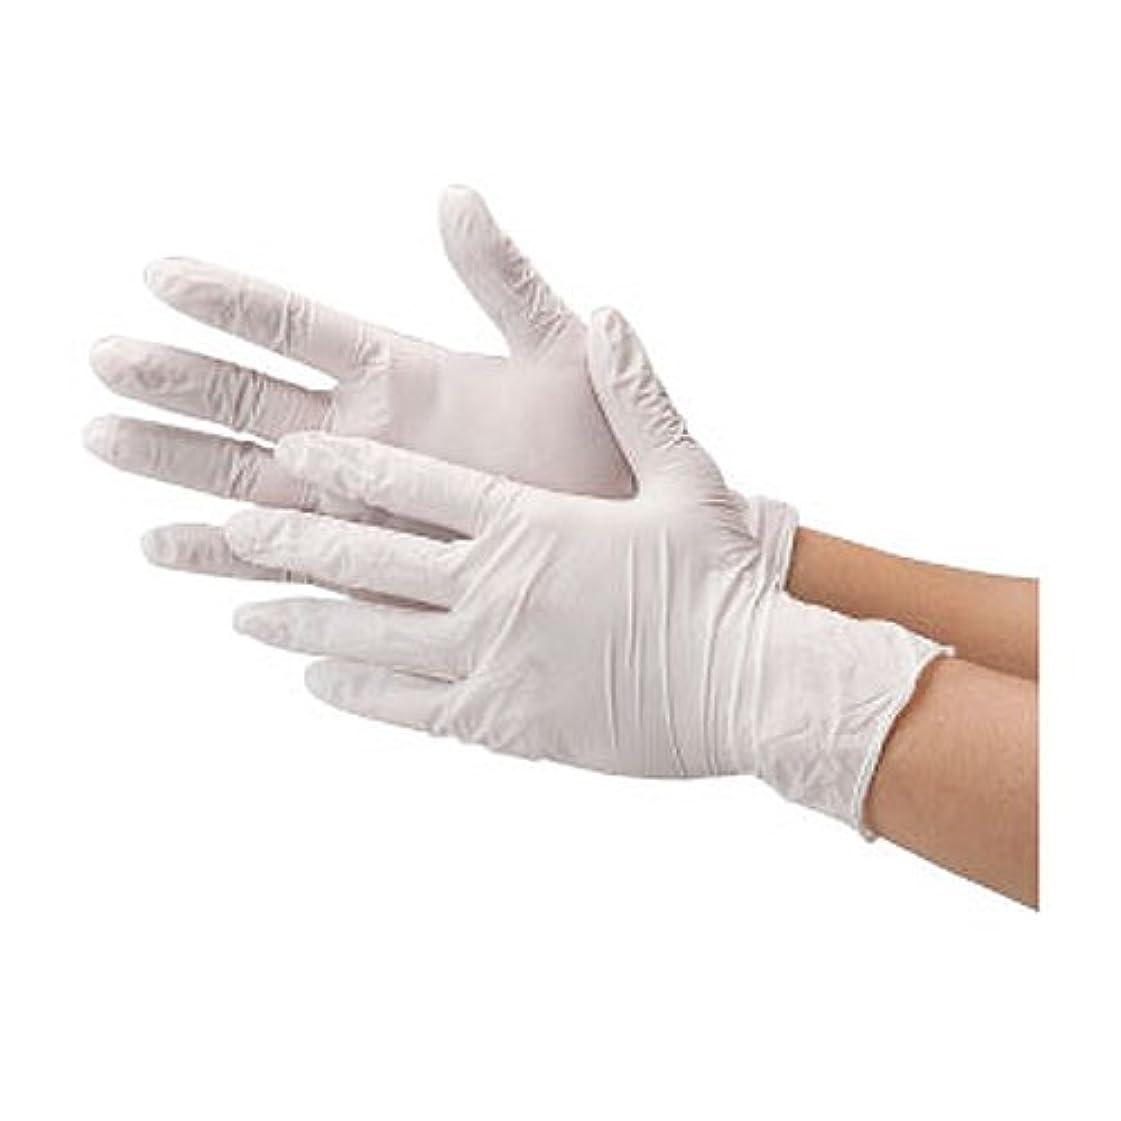 出版聞きます何でも川西工業 ニトリル 使いきり手袋 ストロング 粉無 100枚入り 2037 ホワイトL